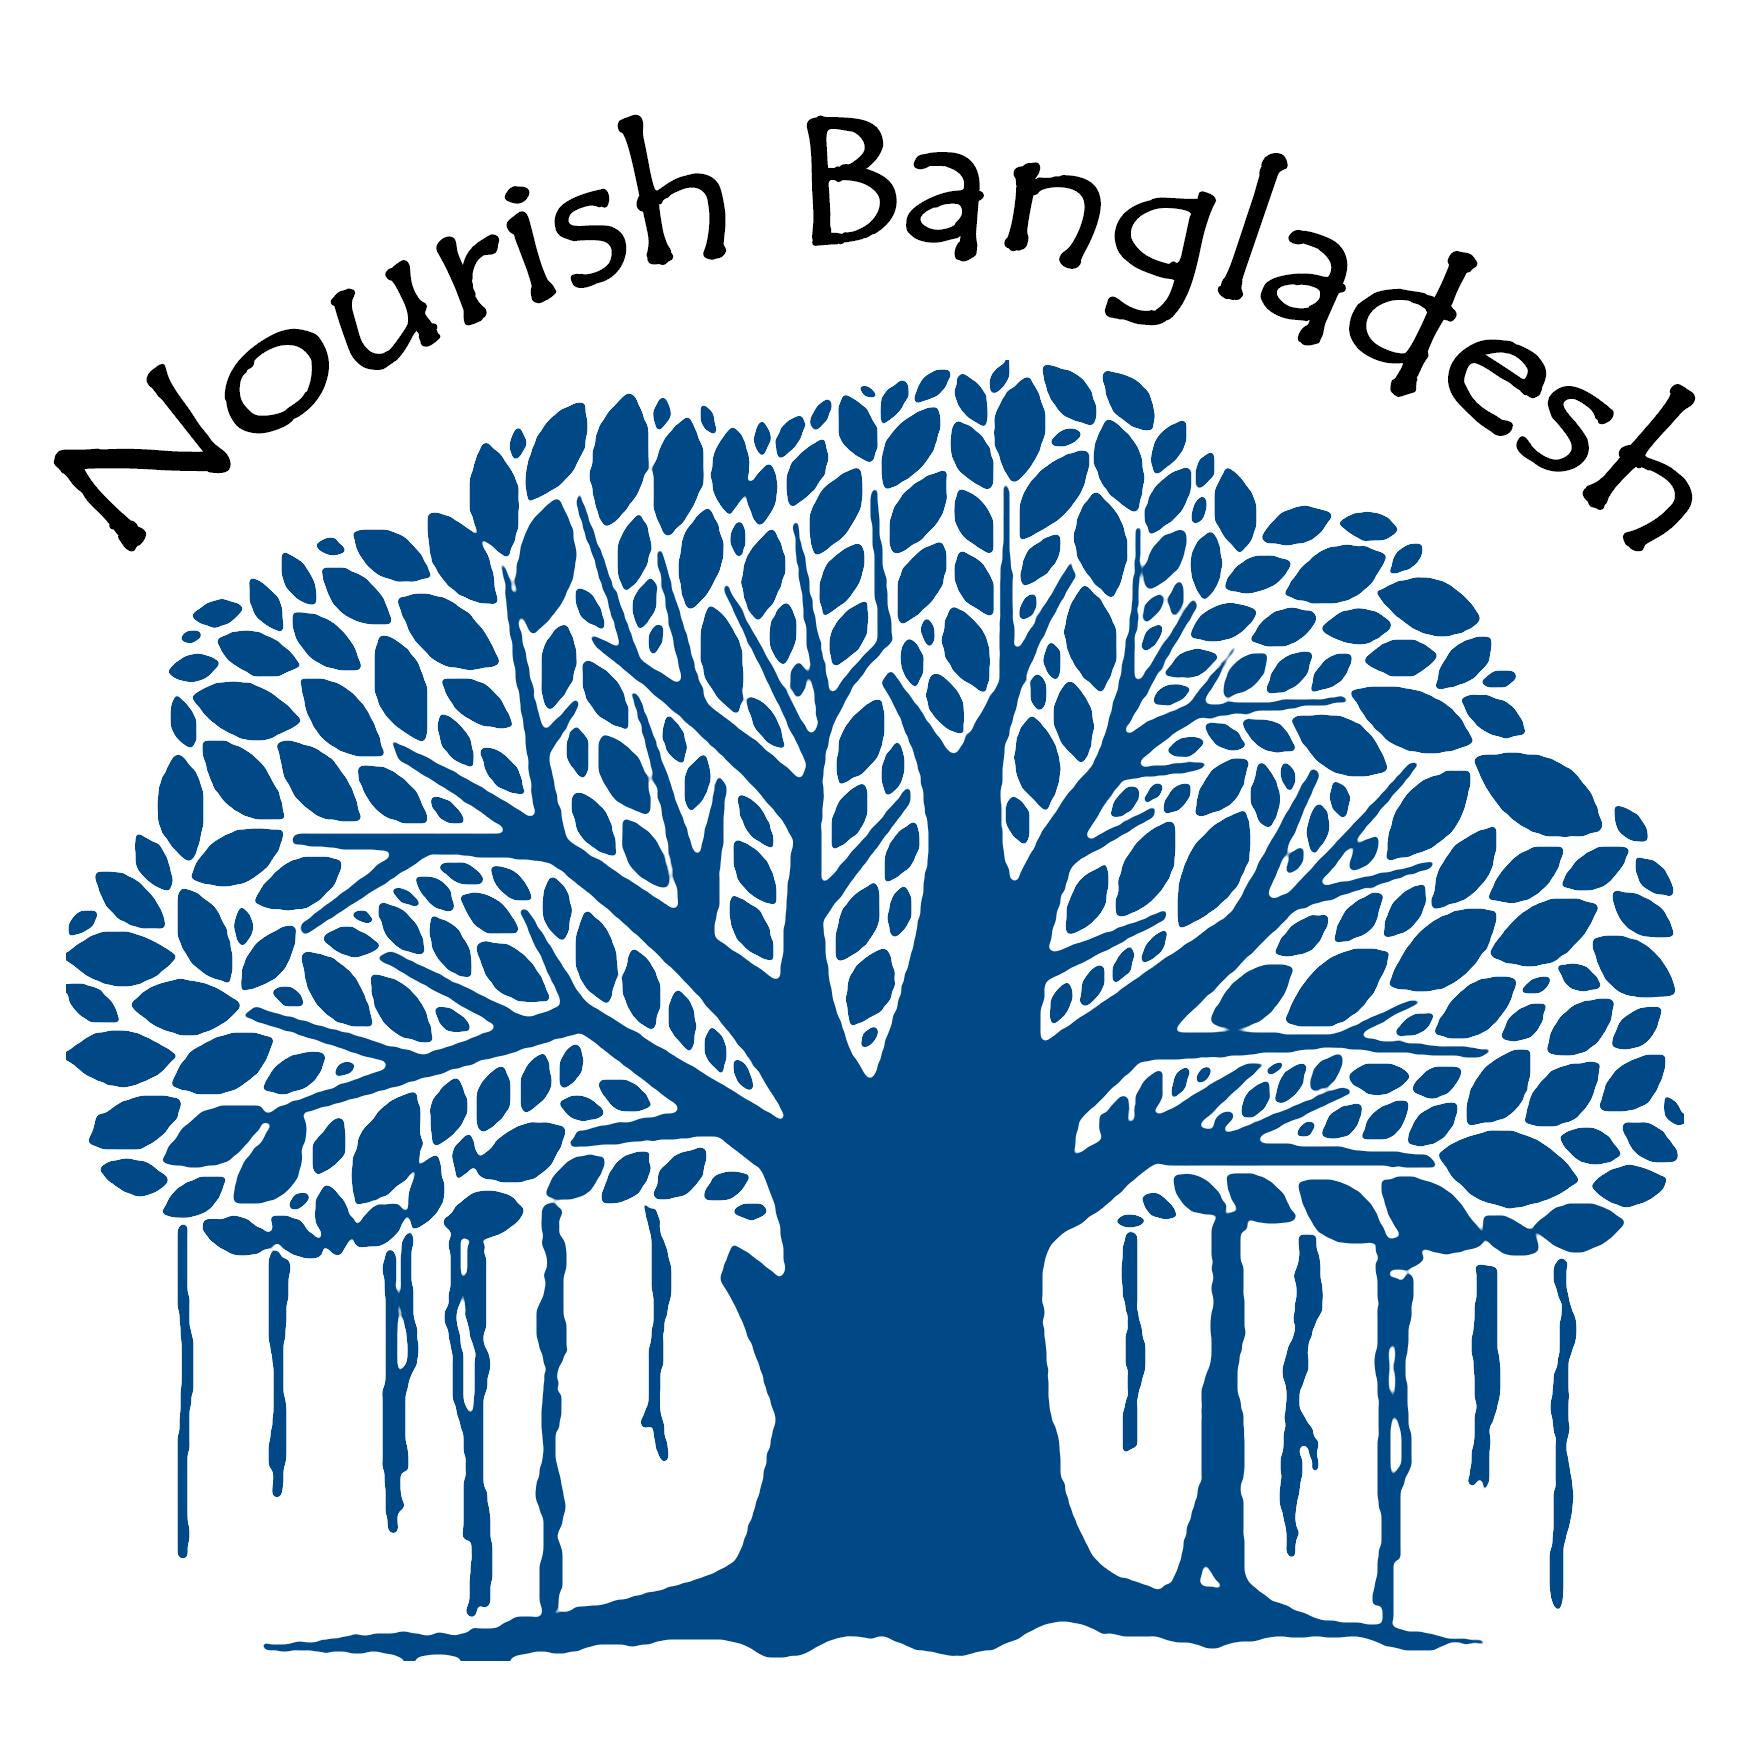 Nourish Bangladesh